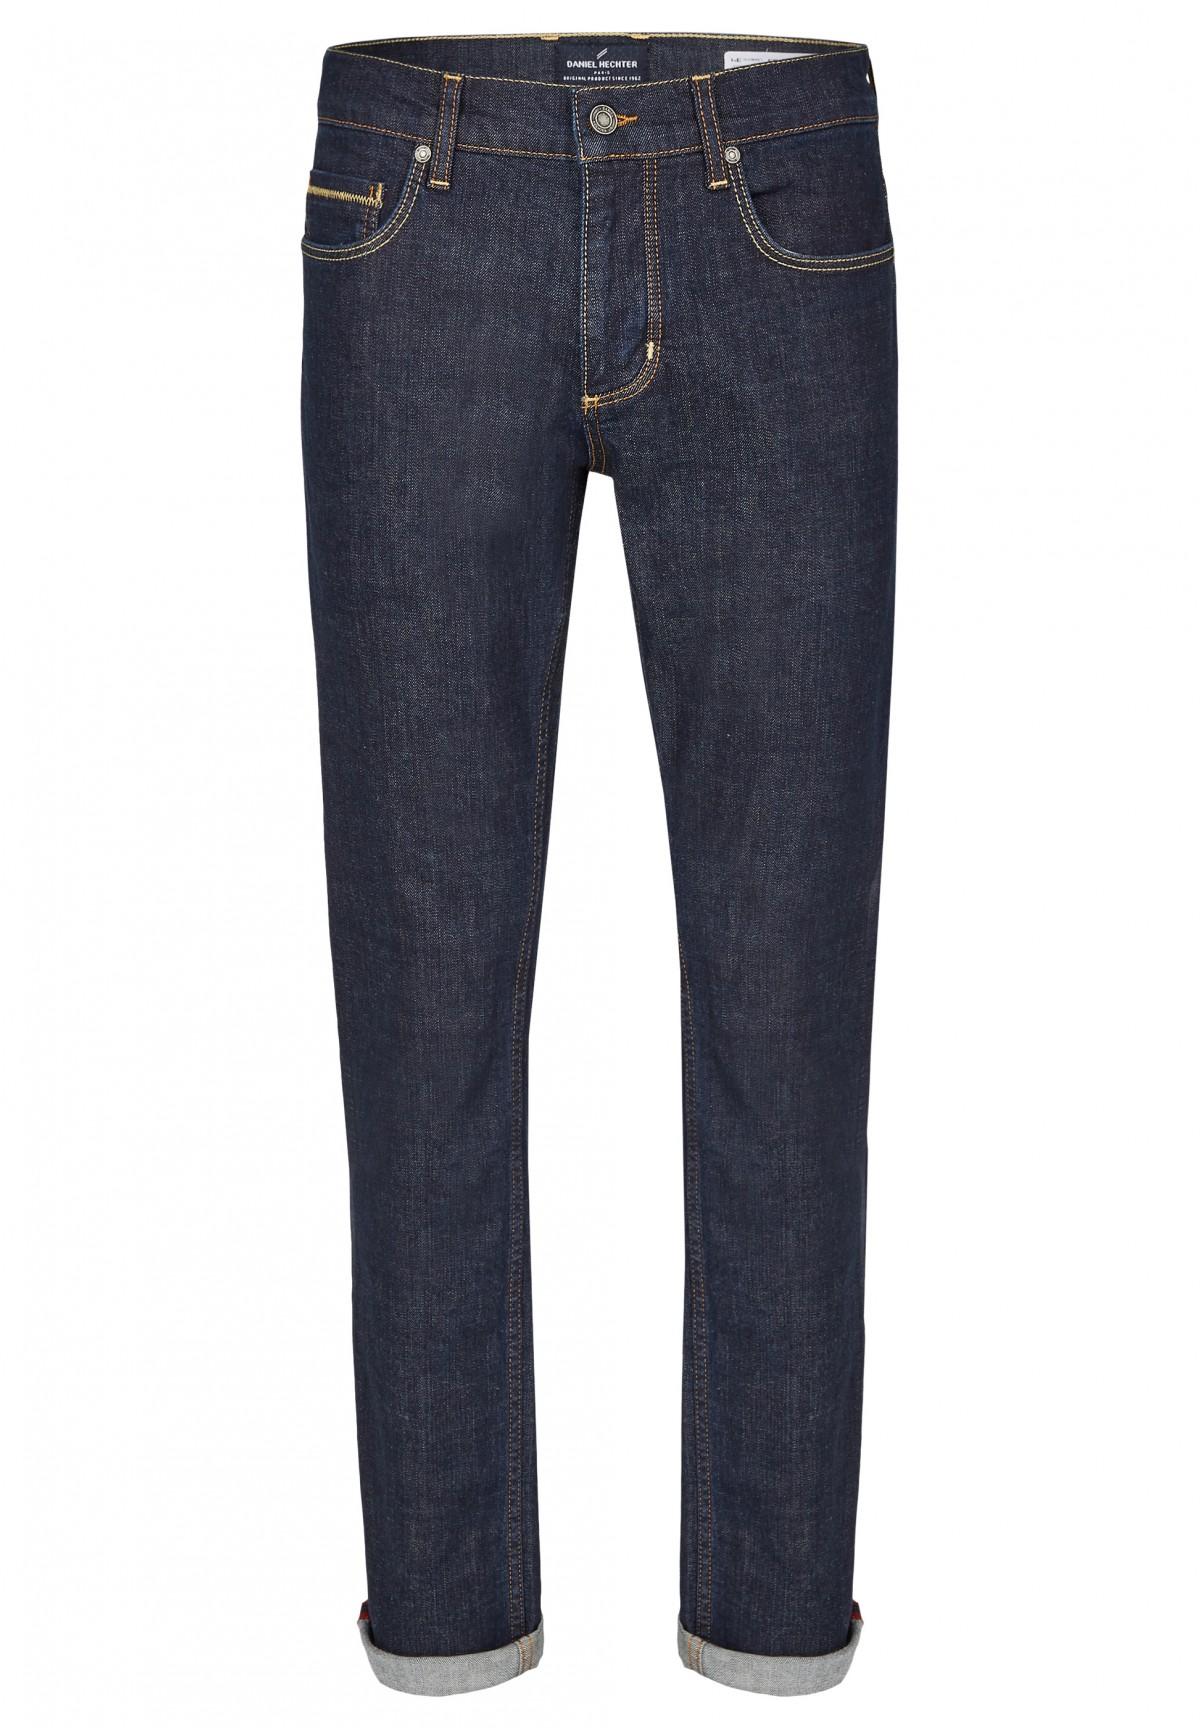 Modische Jeans / Modische Jeans